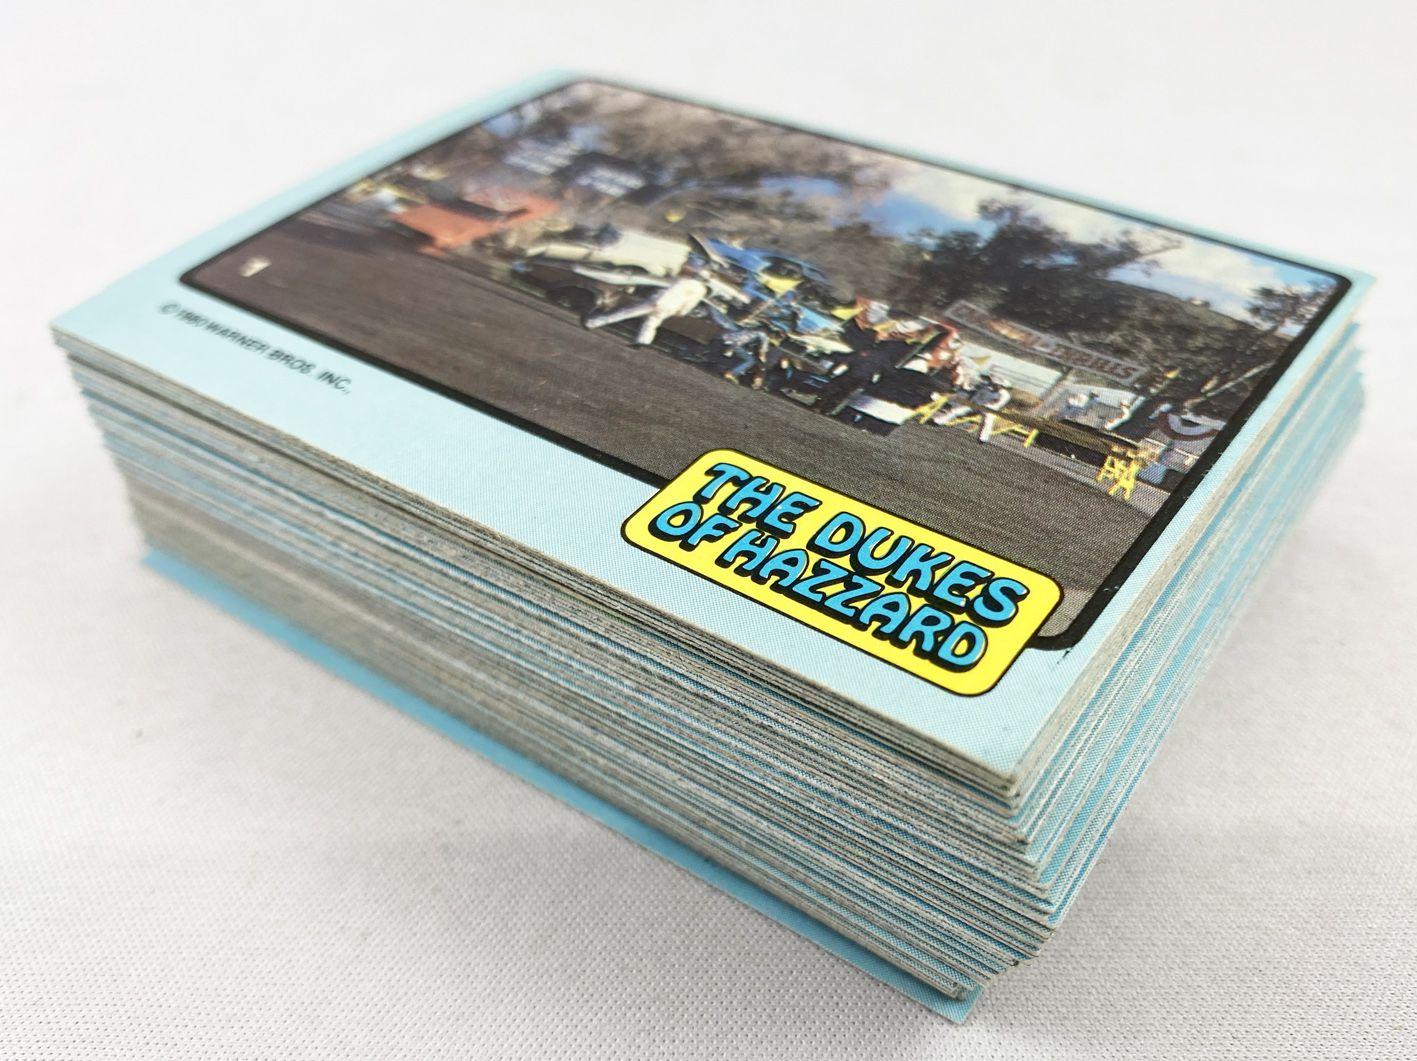 The Dukes of Hazzard - Donruss Trading Bubble Gum Cards (1988) - Série 1 complète 65 cartes